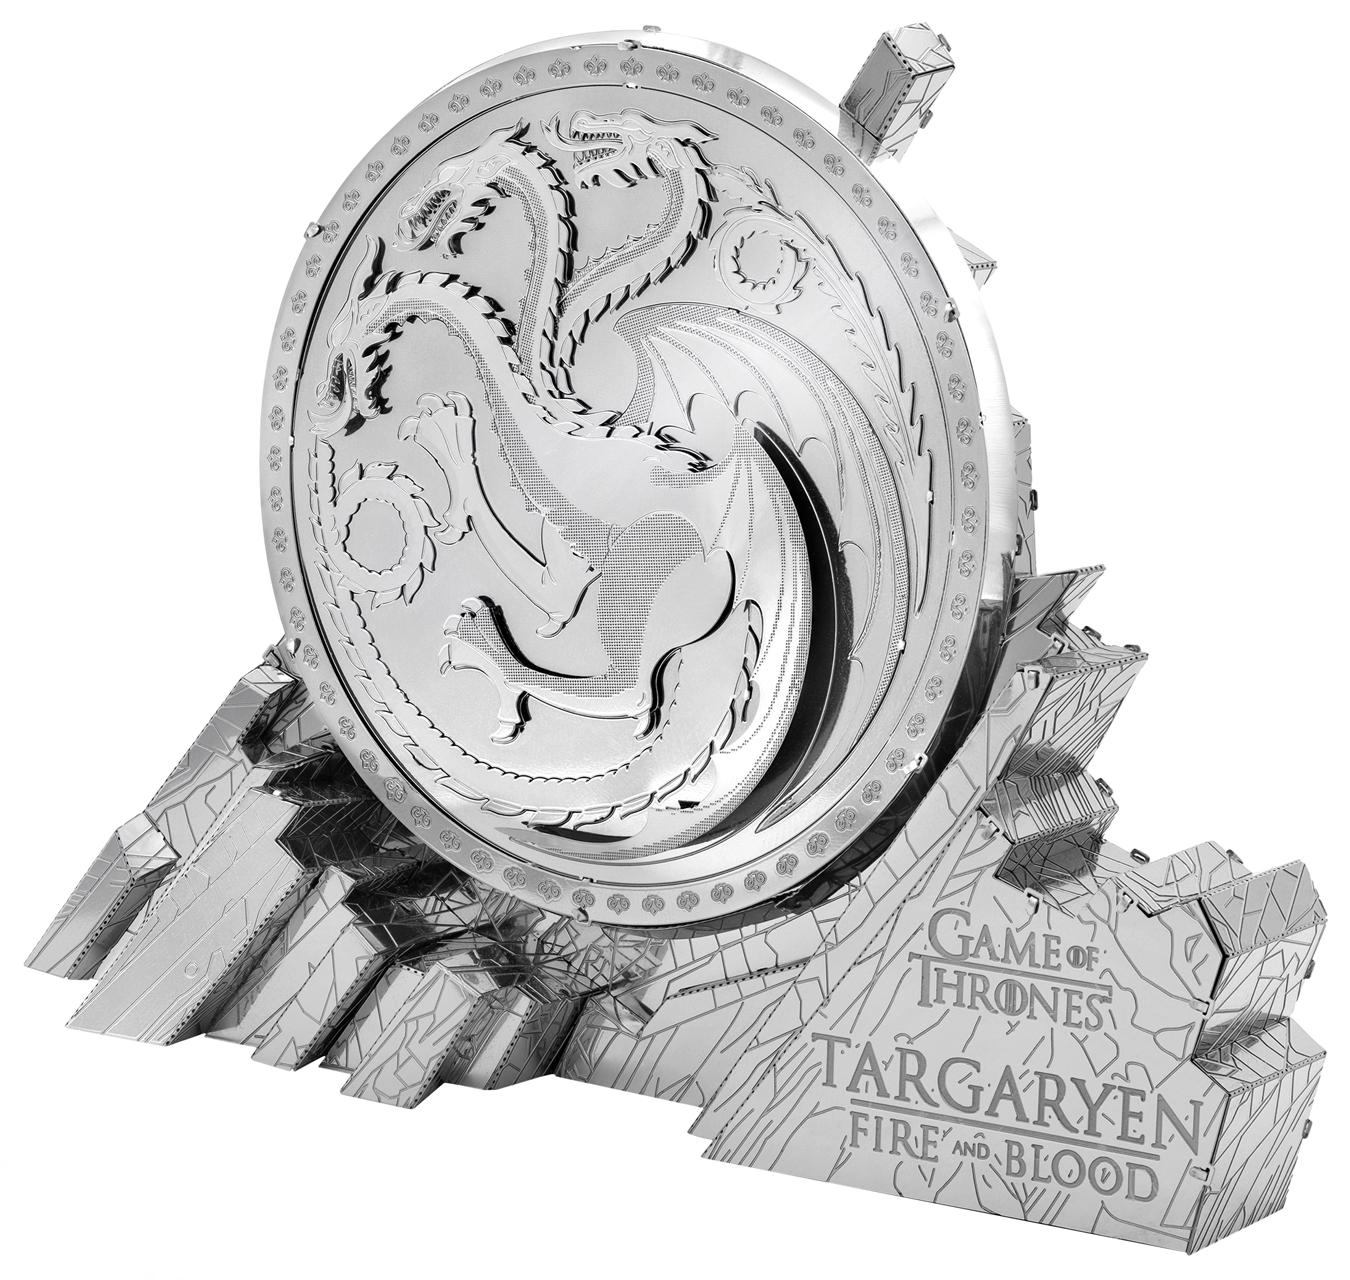 Targaryen Sigil Game of Thrones Movies / Books / TV Metal Puzzles